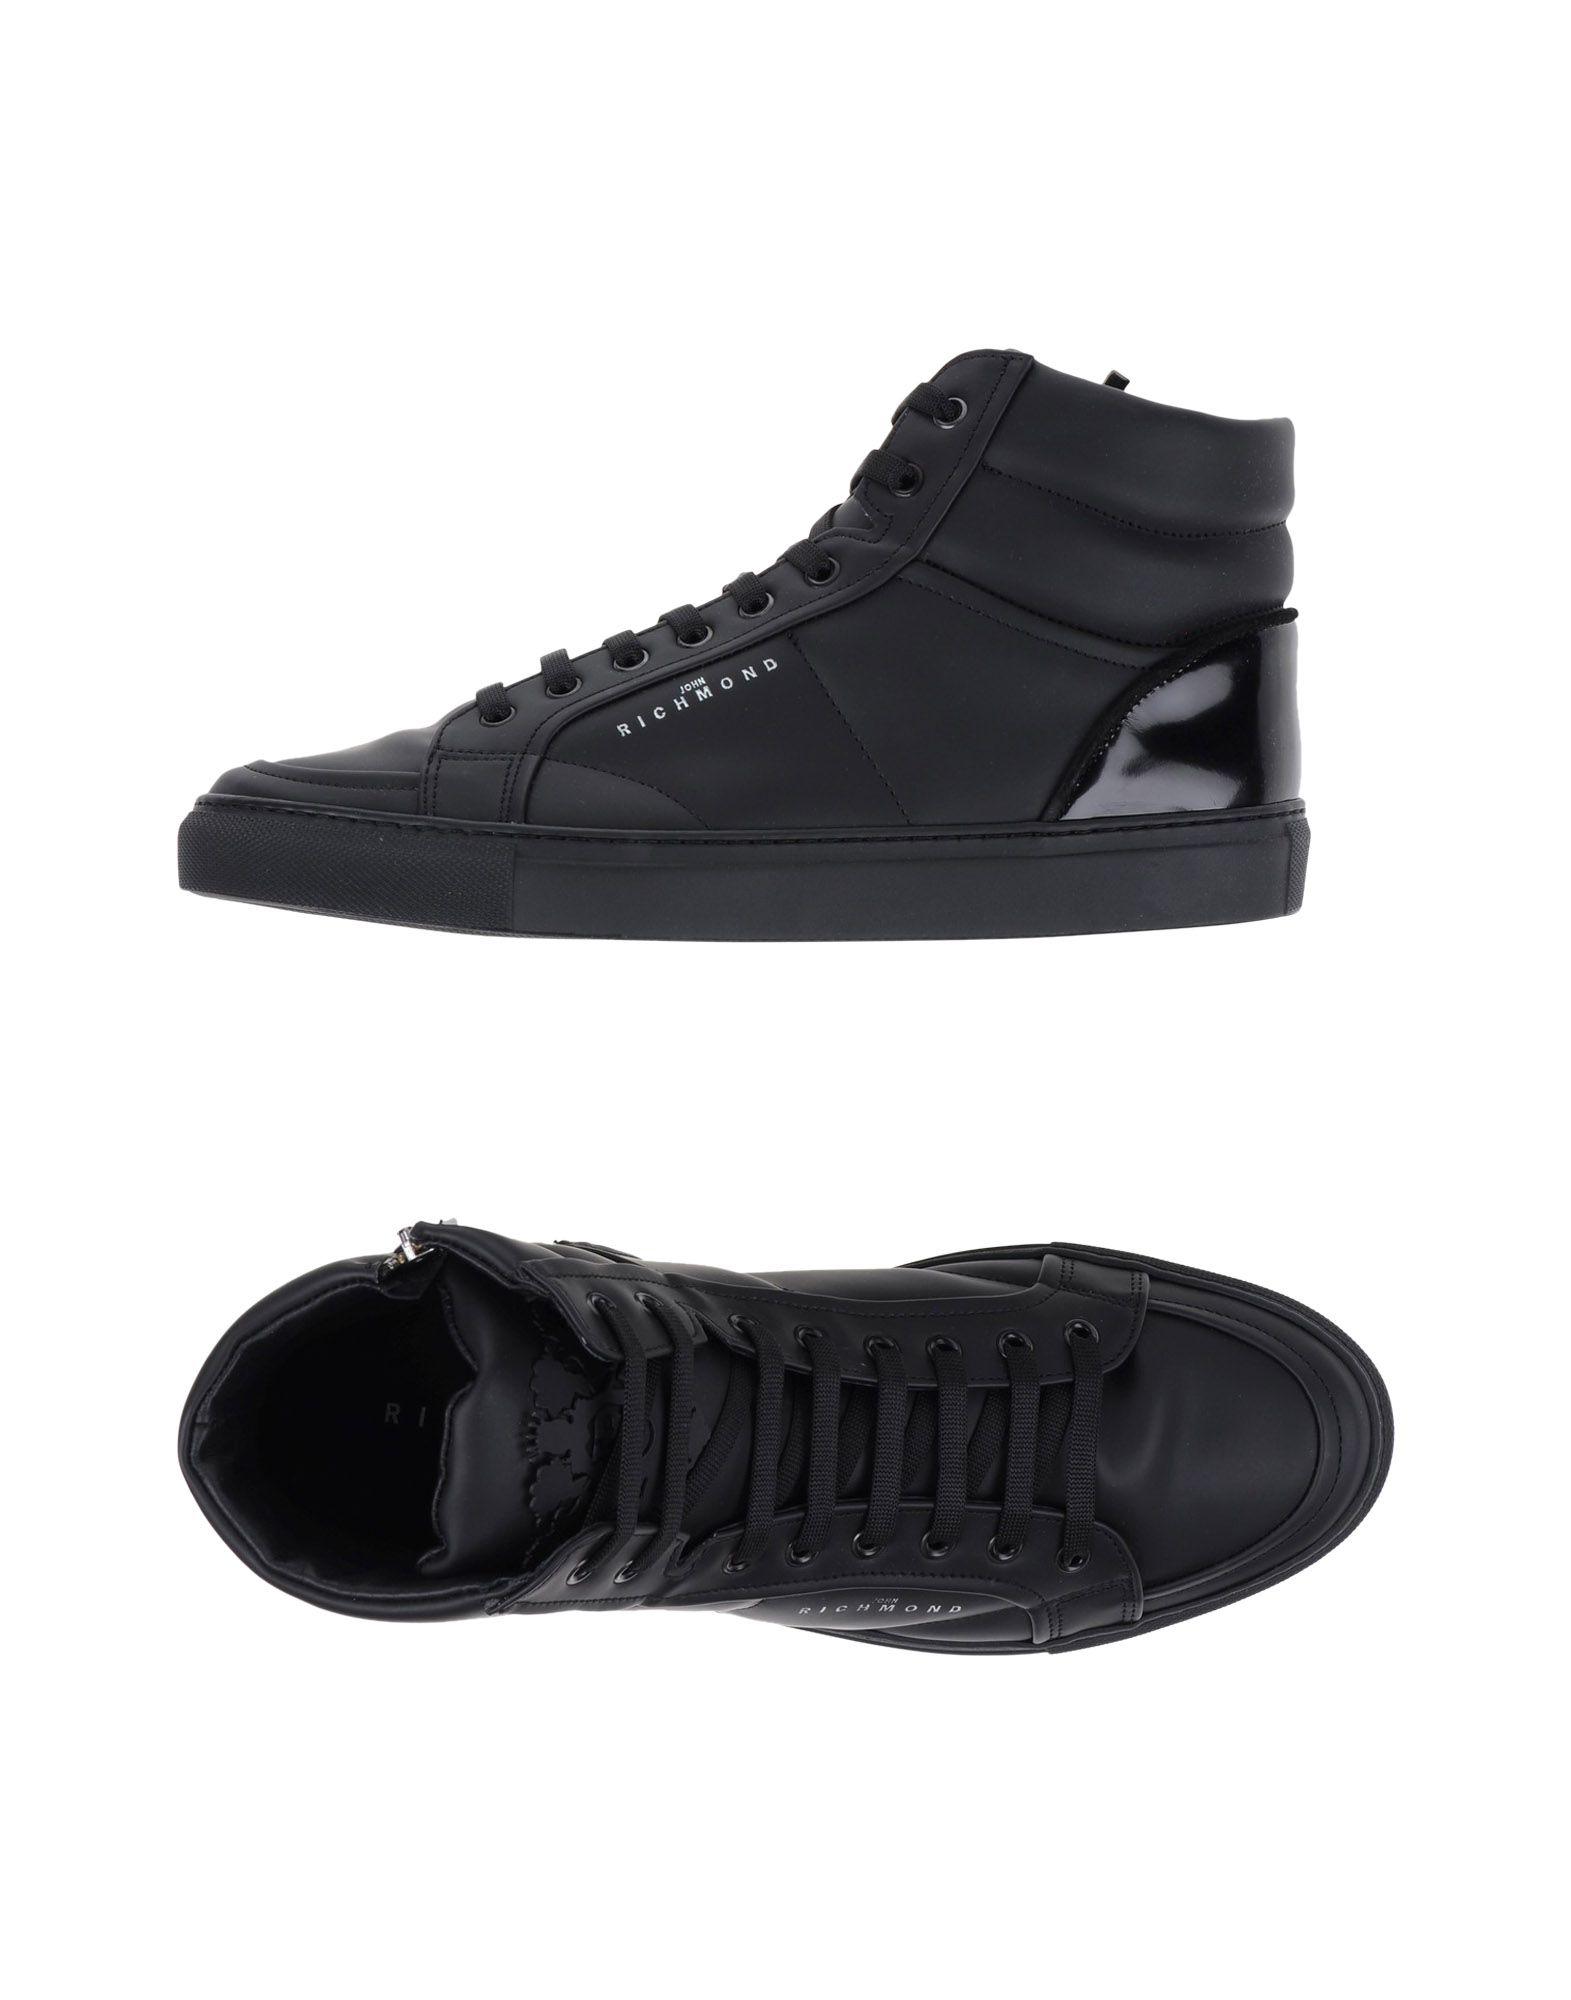 John Richmond Sneakers Herren Herren Sneakers  11060770UM de5c96